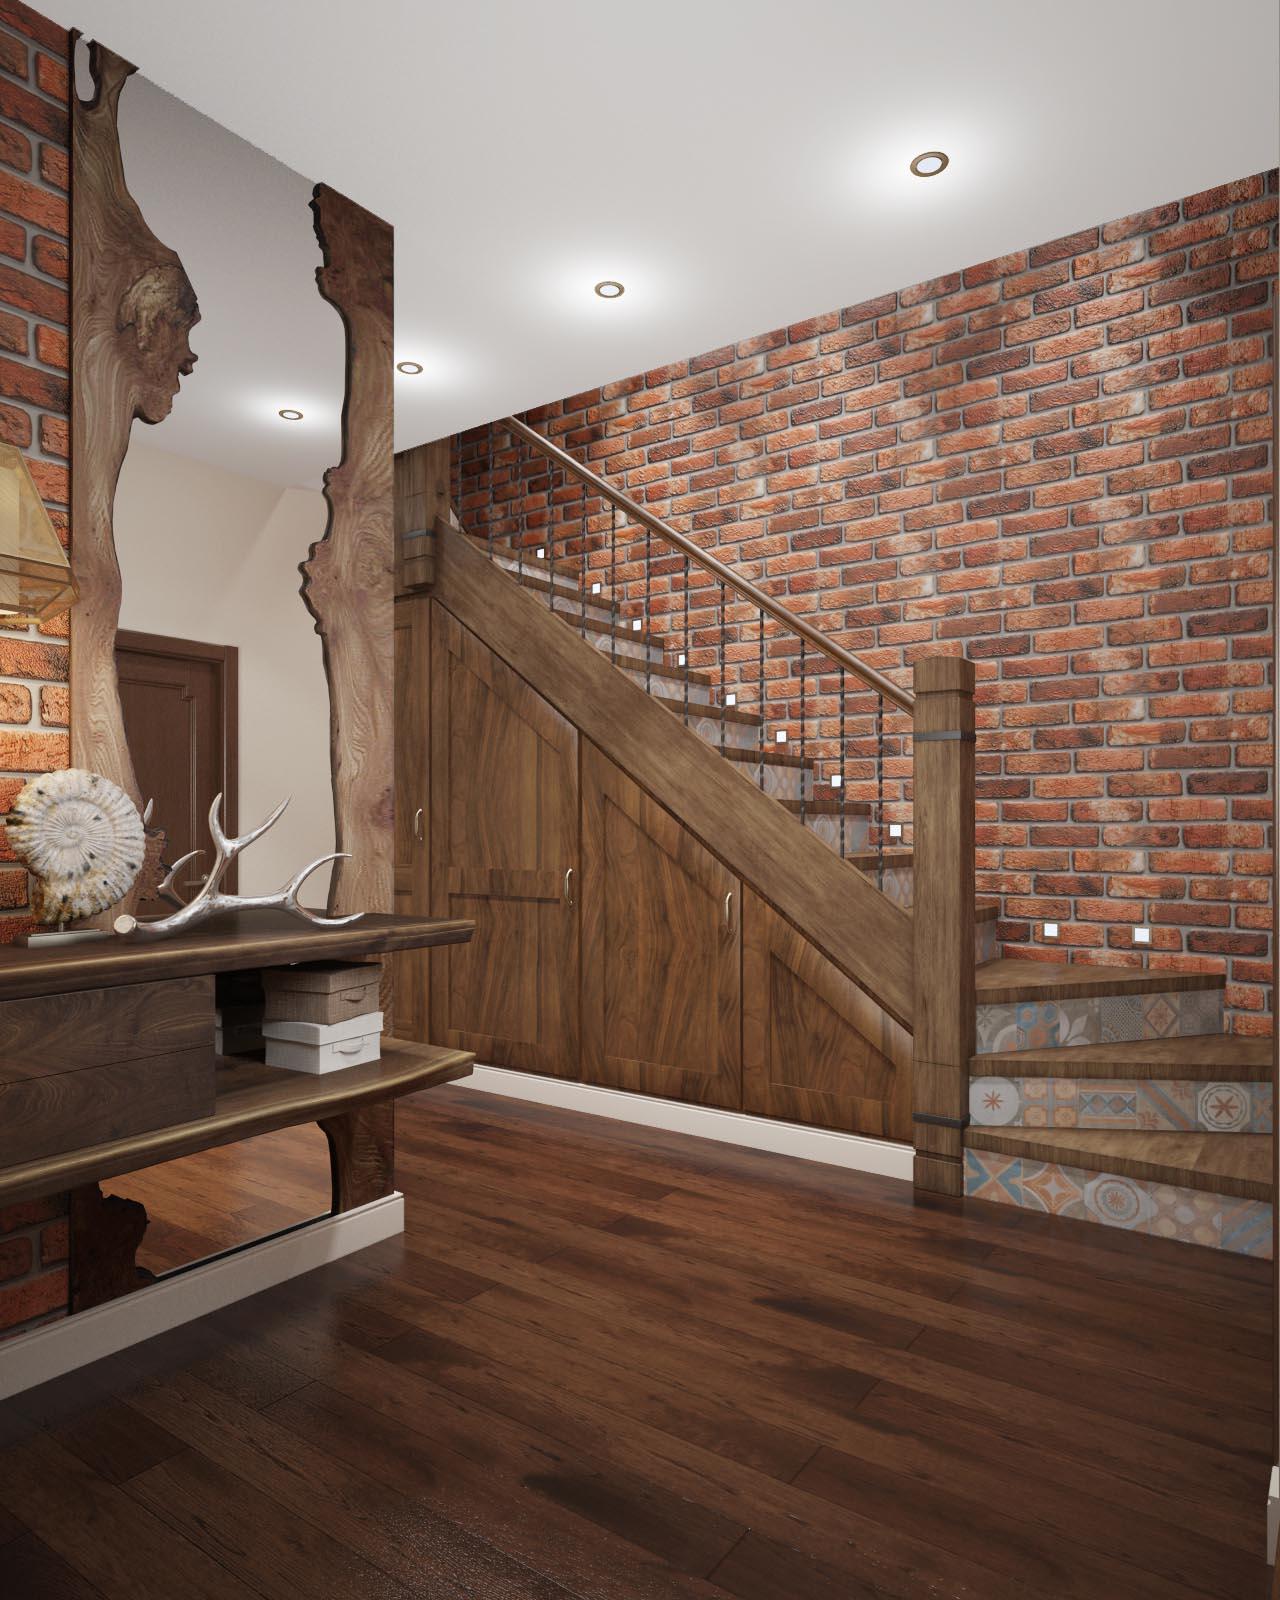 биробиджане обувщики, лестница в доме дерево с камнем фото выбор серег